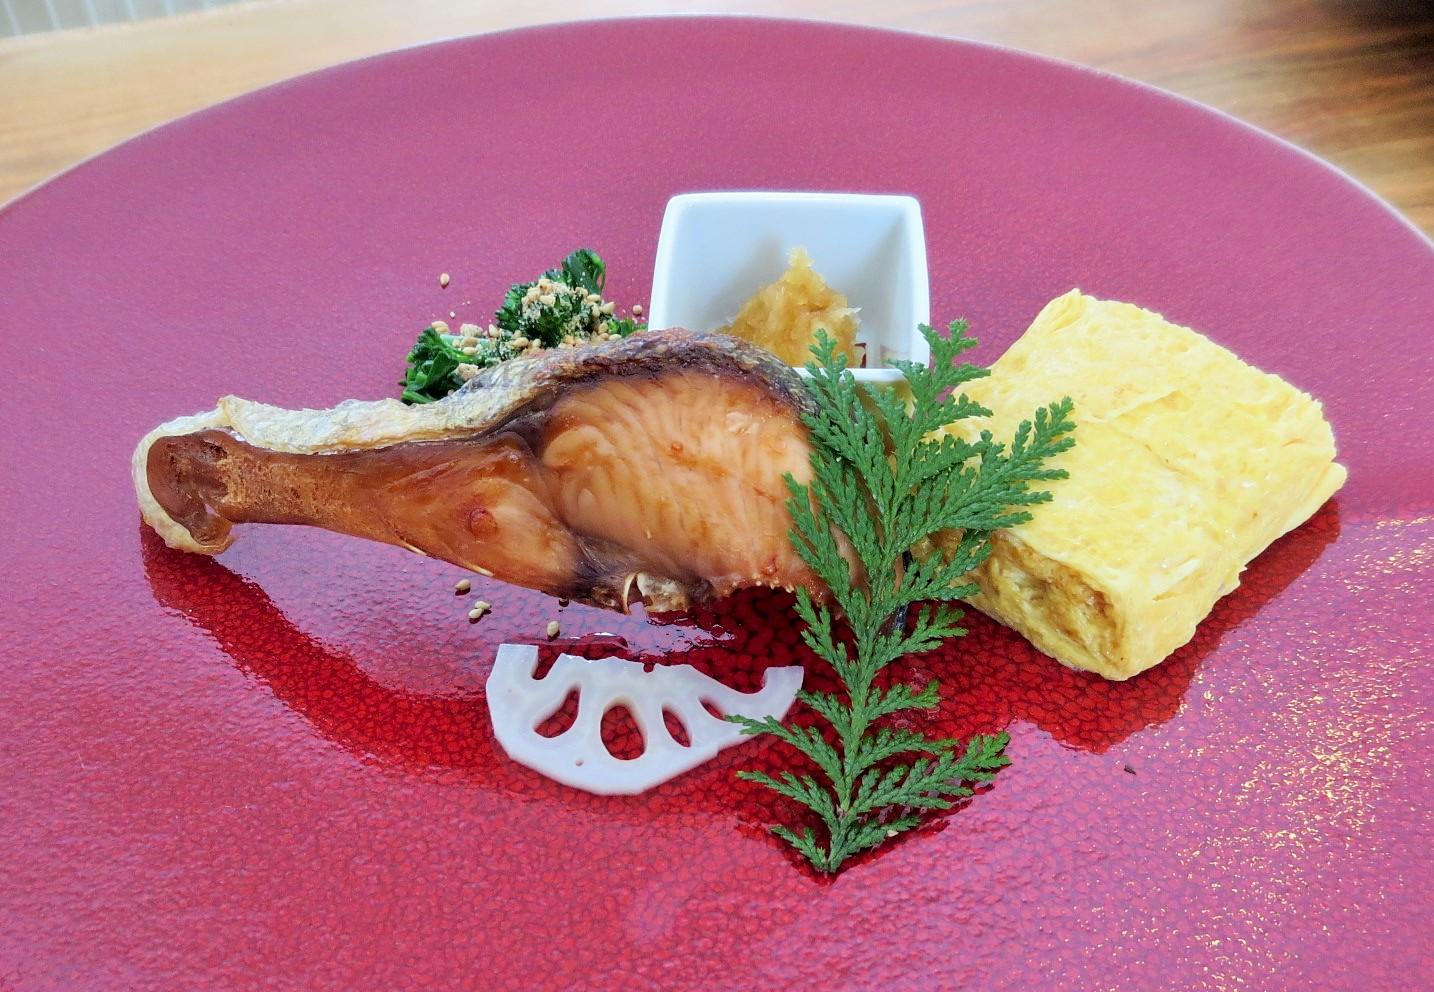 朝食&ブランチ☆食堂 takizawa NEW OPEN!@追分_f0236260_18363020.jpg